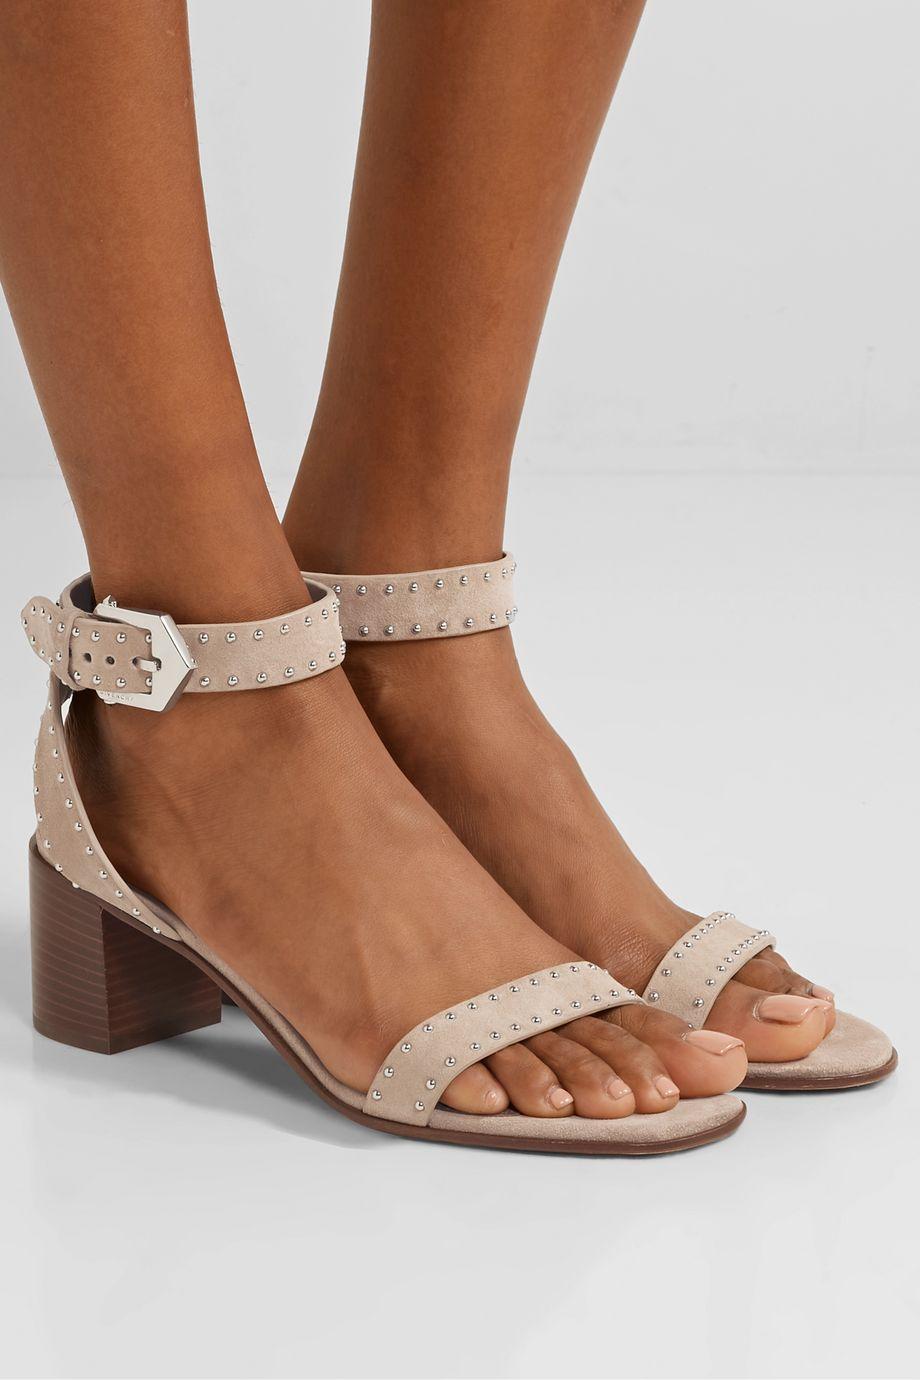 Givenchy Elegant studded suede sandals